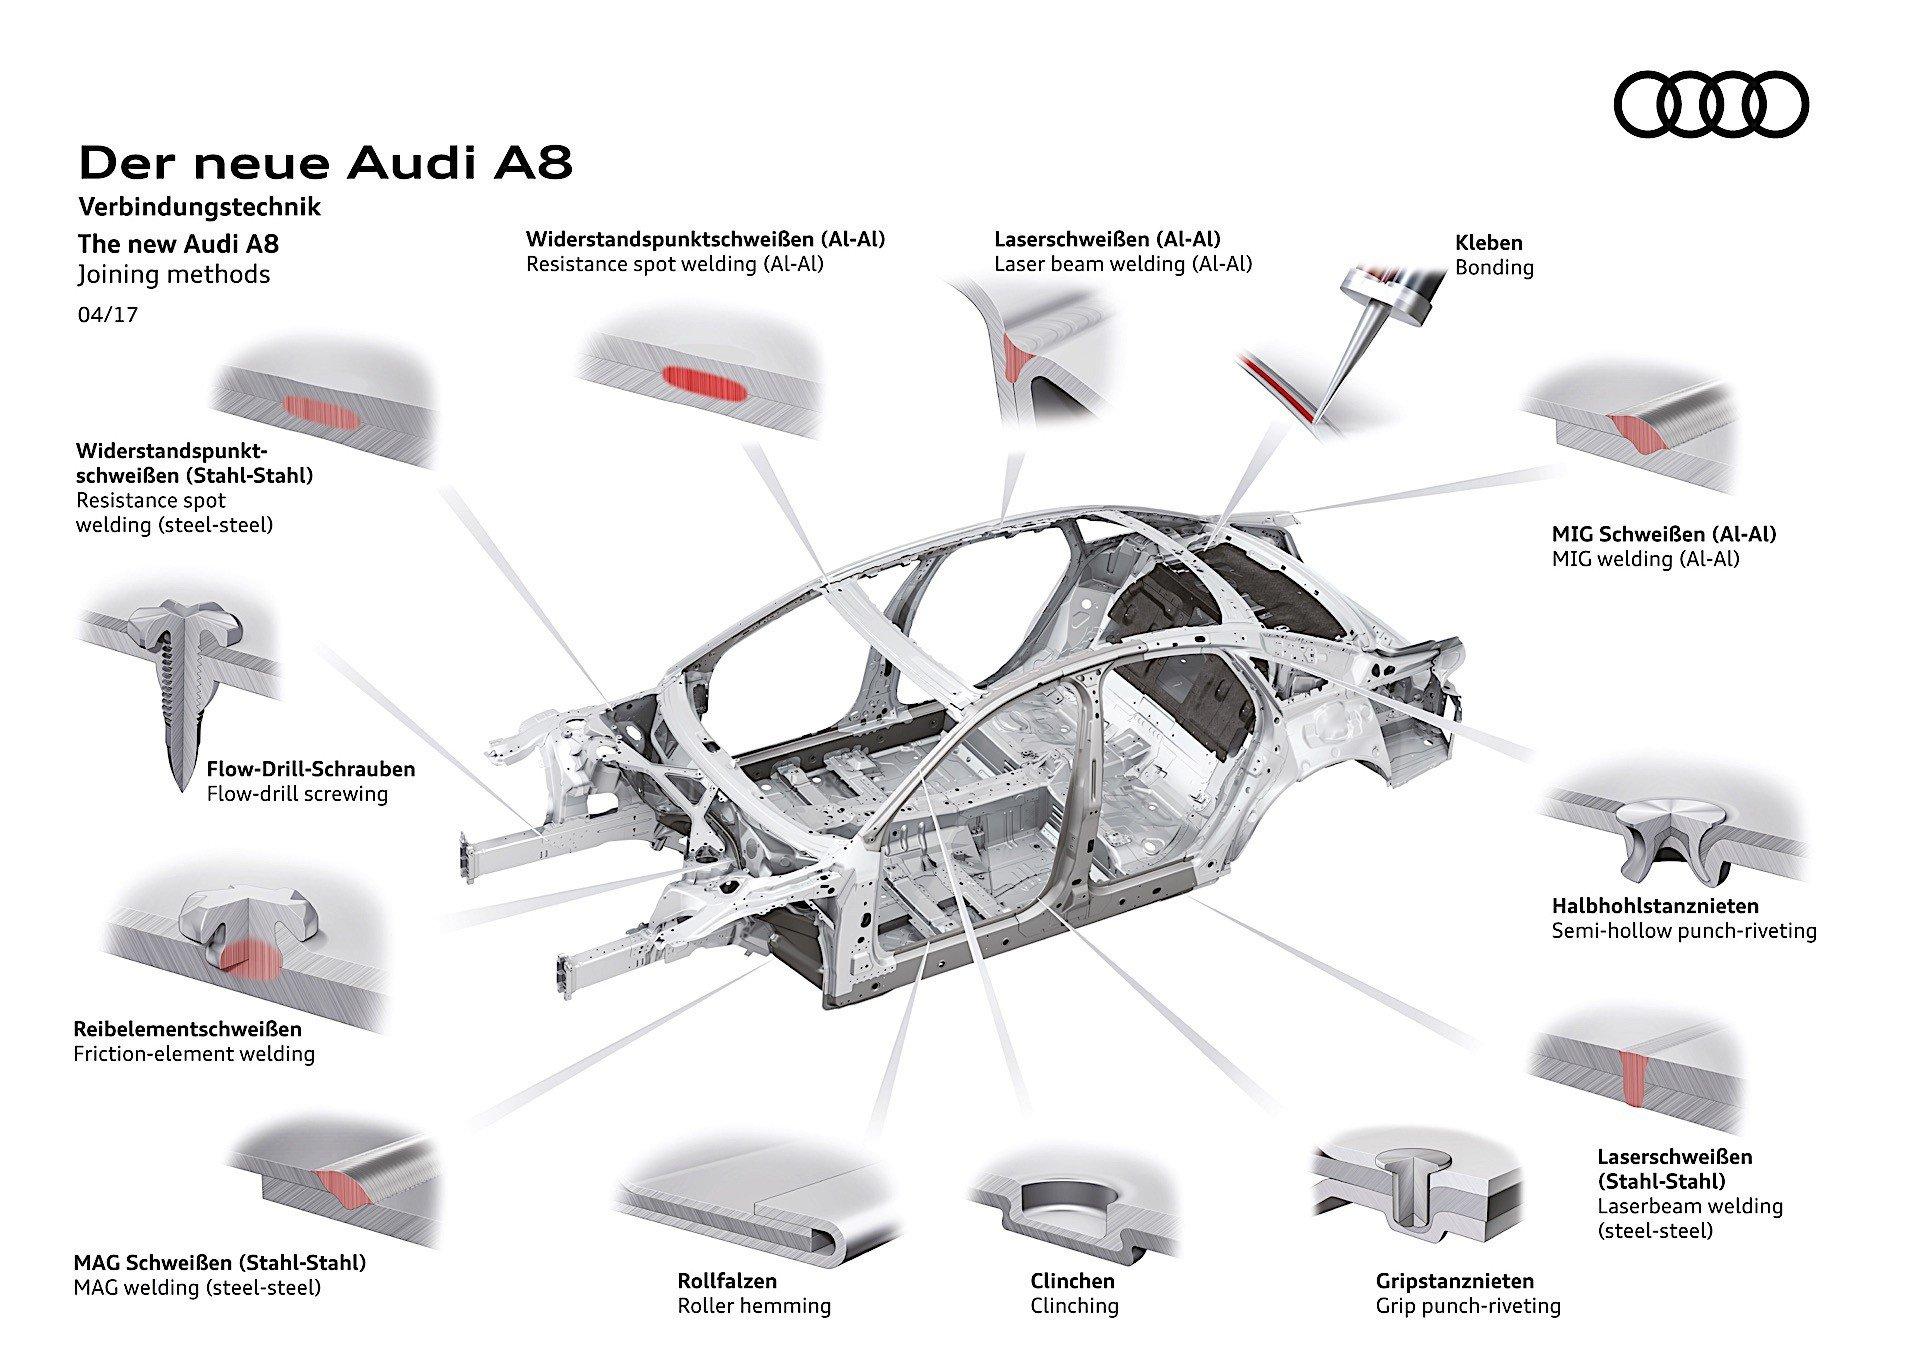 Nowe Audi A8 Du O Sztywniejsze Od Poprzednika